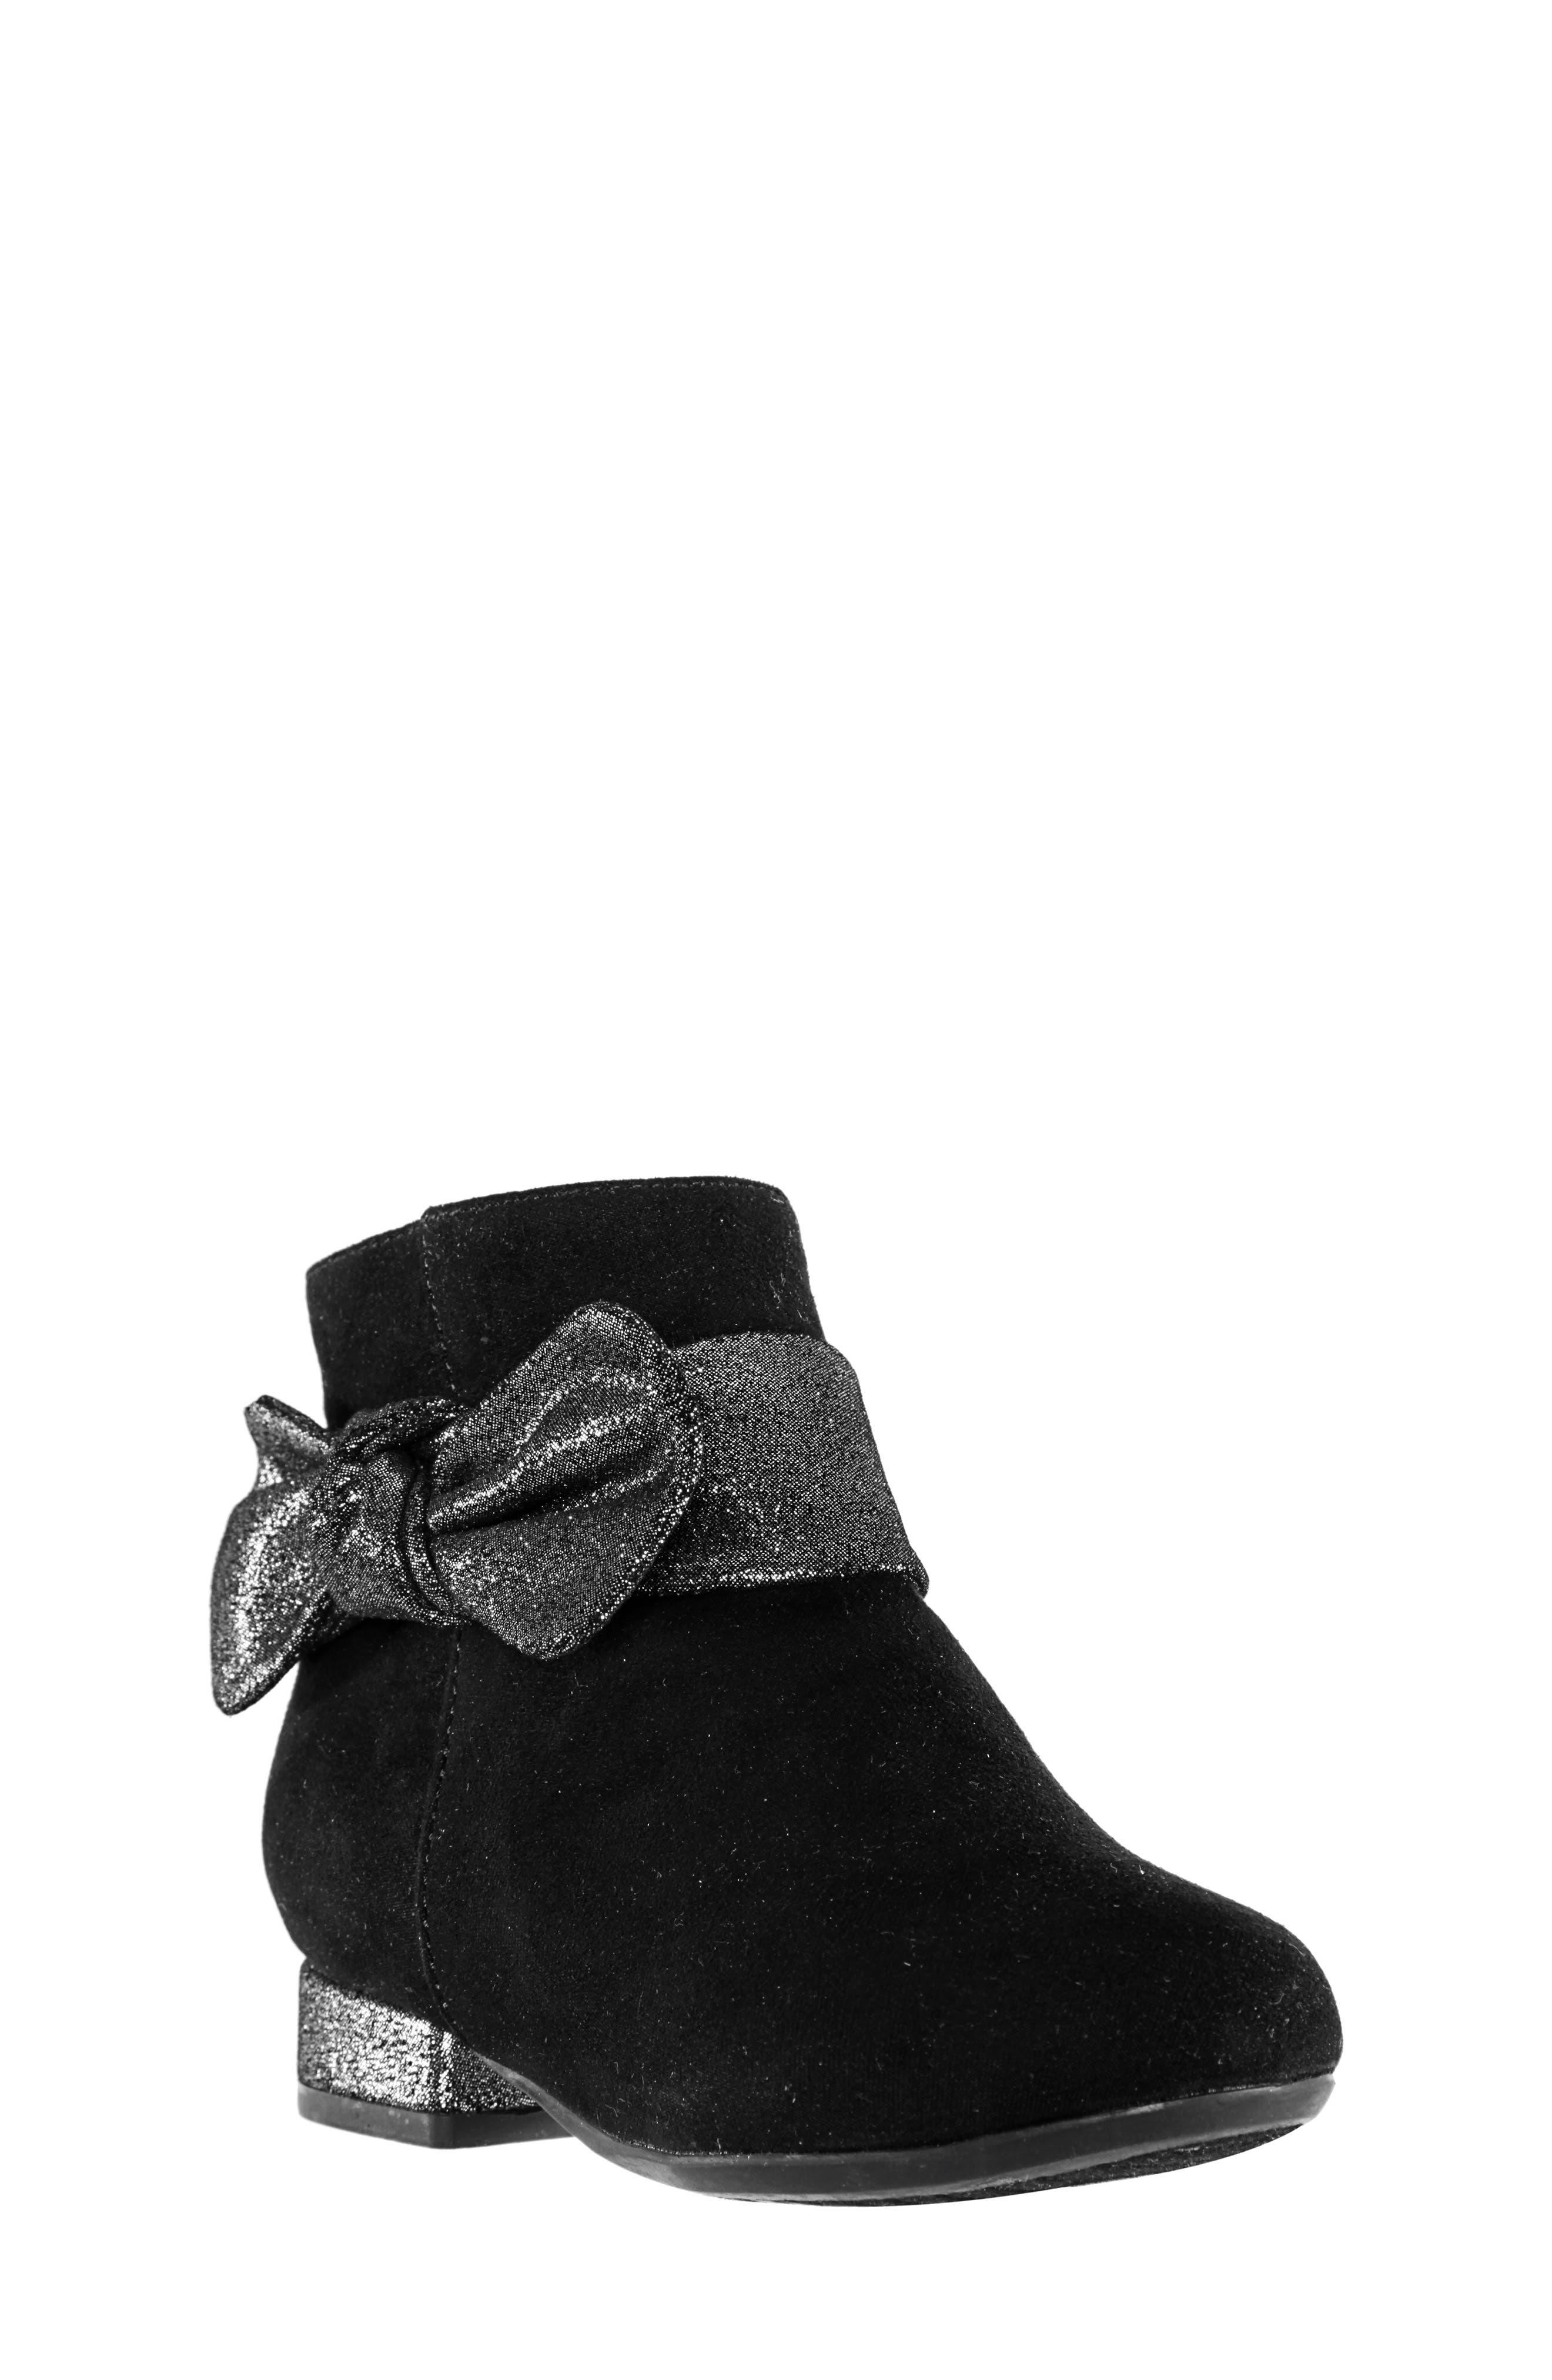 Evelin Block Heel Bootie,                         Main,                         color, BLACK MICRO SUEDE